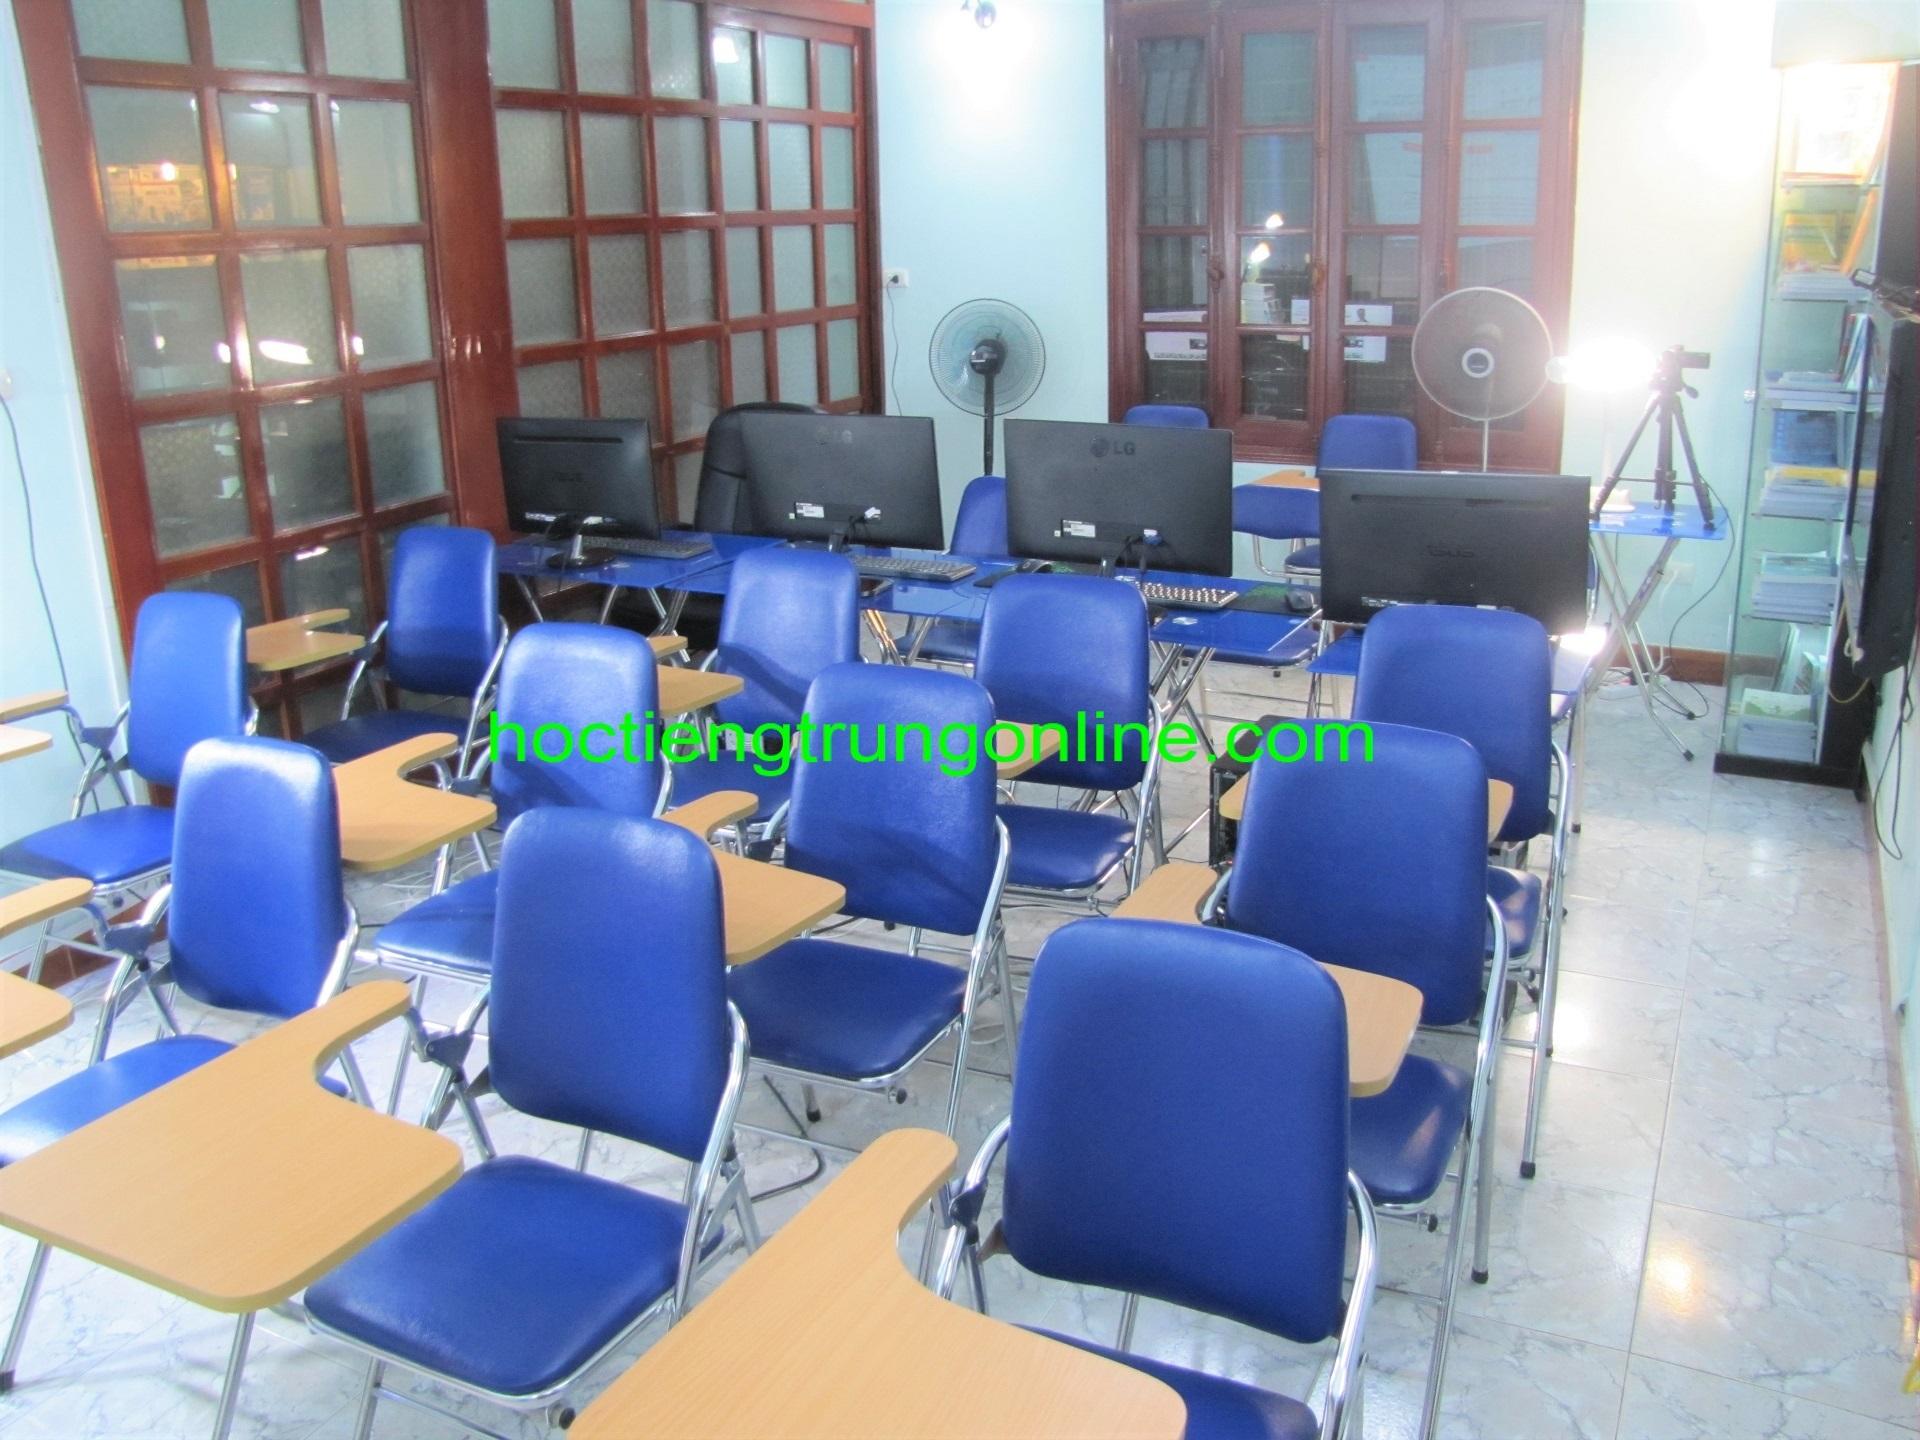 Trung tâm tiếng Trung ChineMaster Thầy Vũ Hà Nội TPHCM cơ sở vật chất